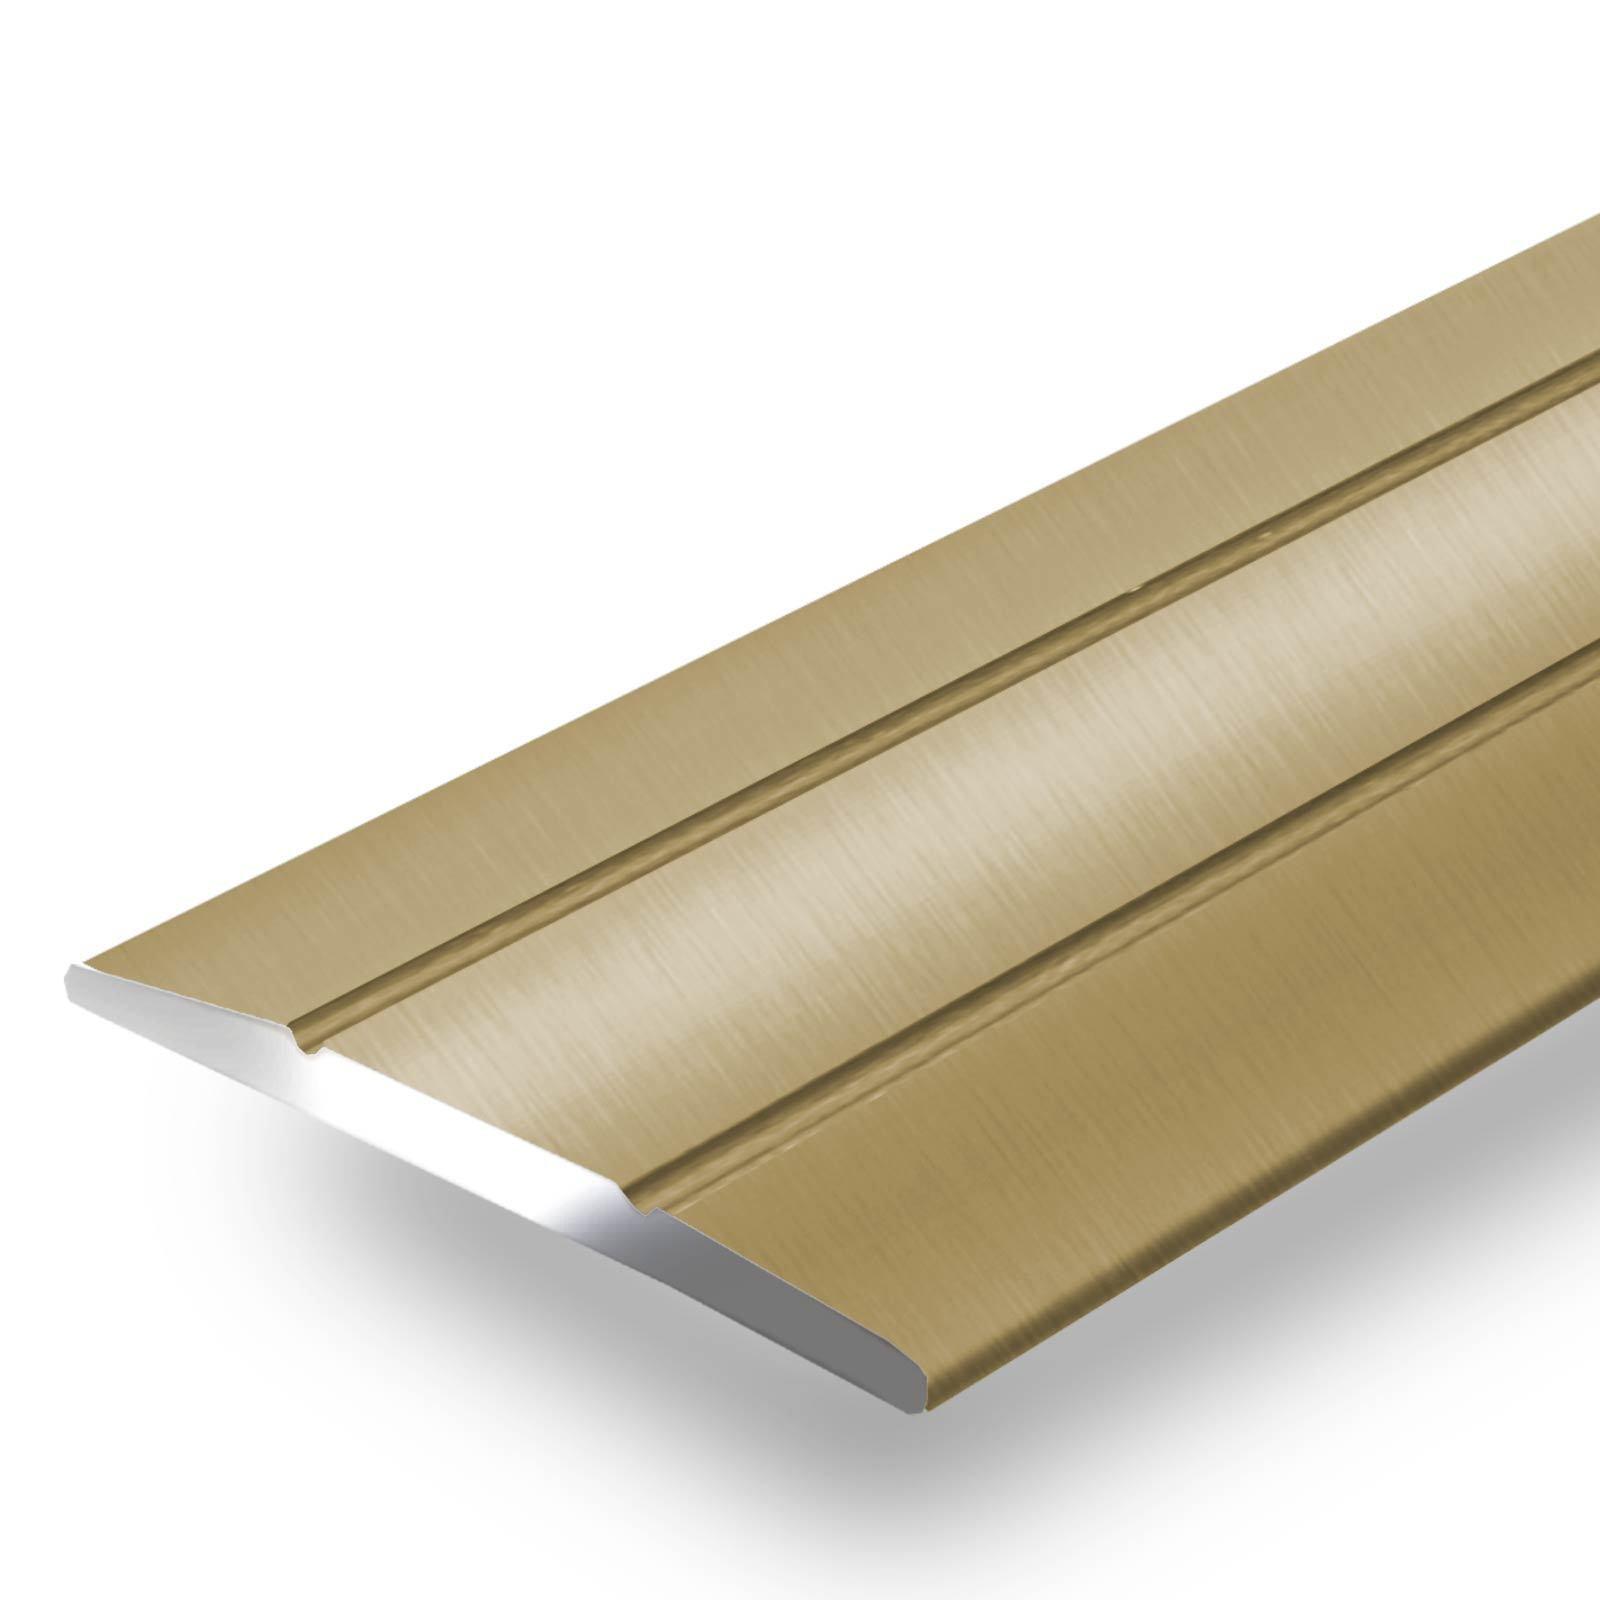 Alu Übergangsprofil Teppichschiene Schweller Laminat Parkett Profil flach 36mm